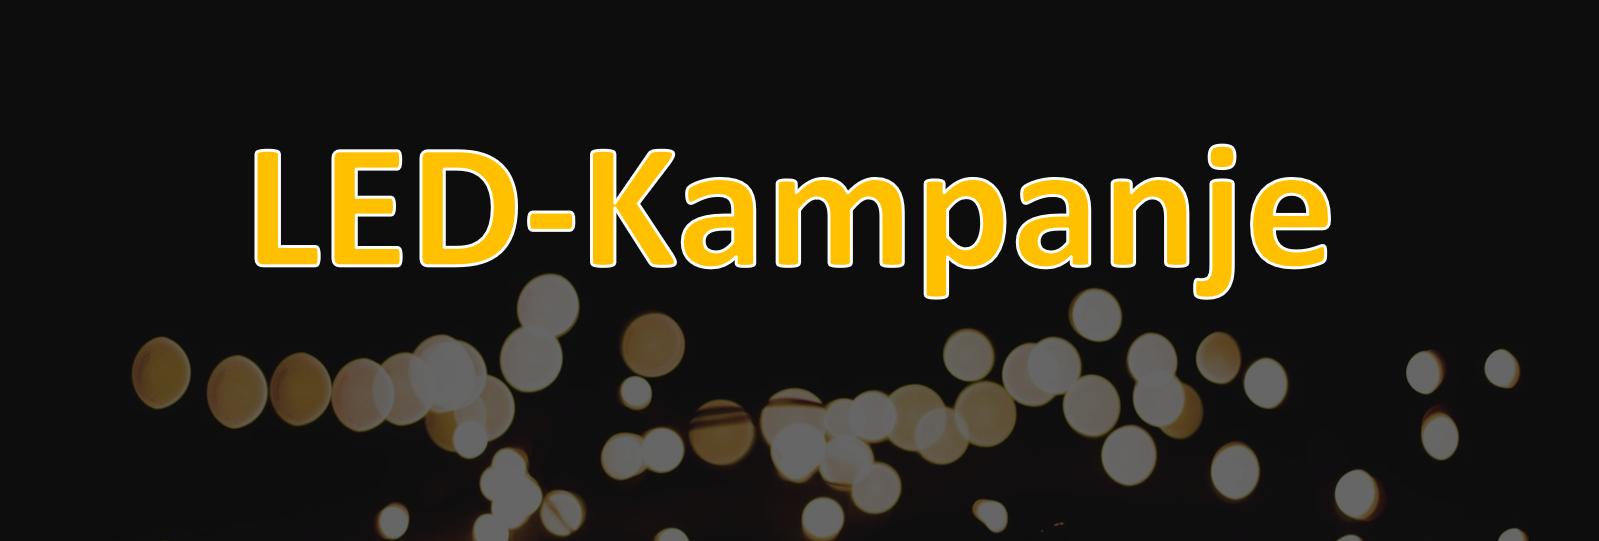 Sjekk ut vår LED-Kampanje